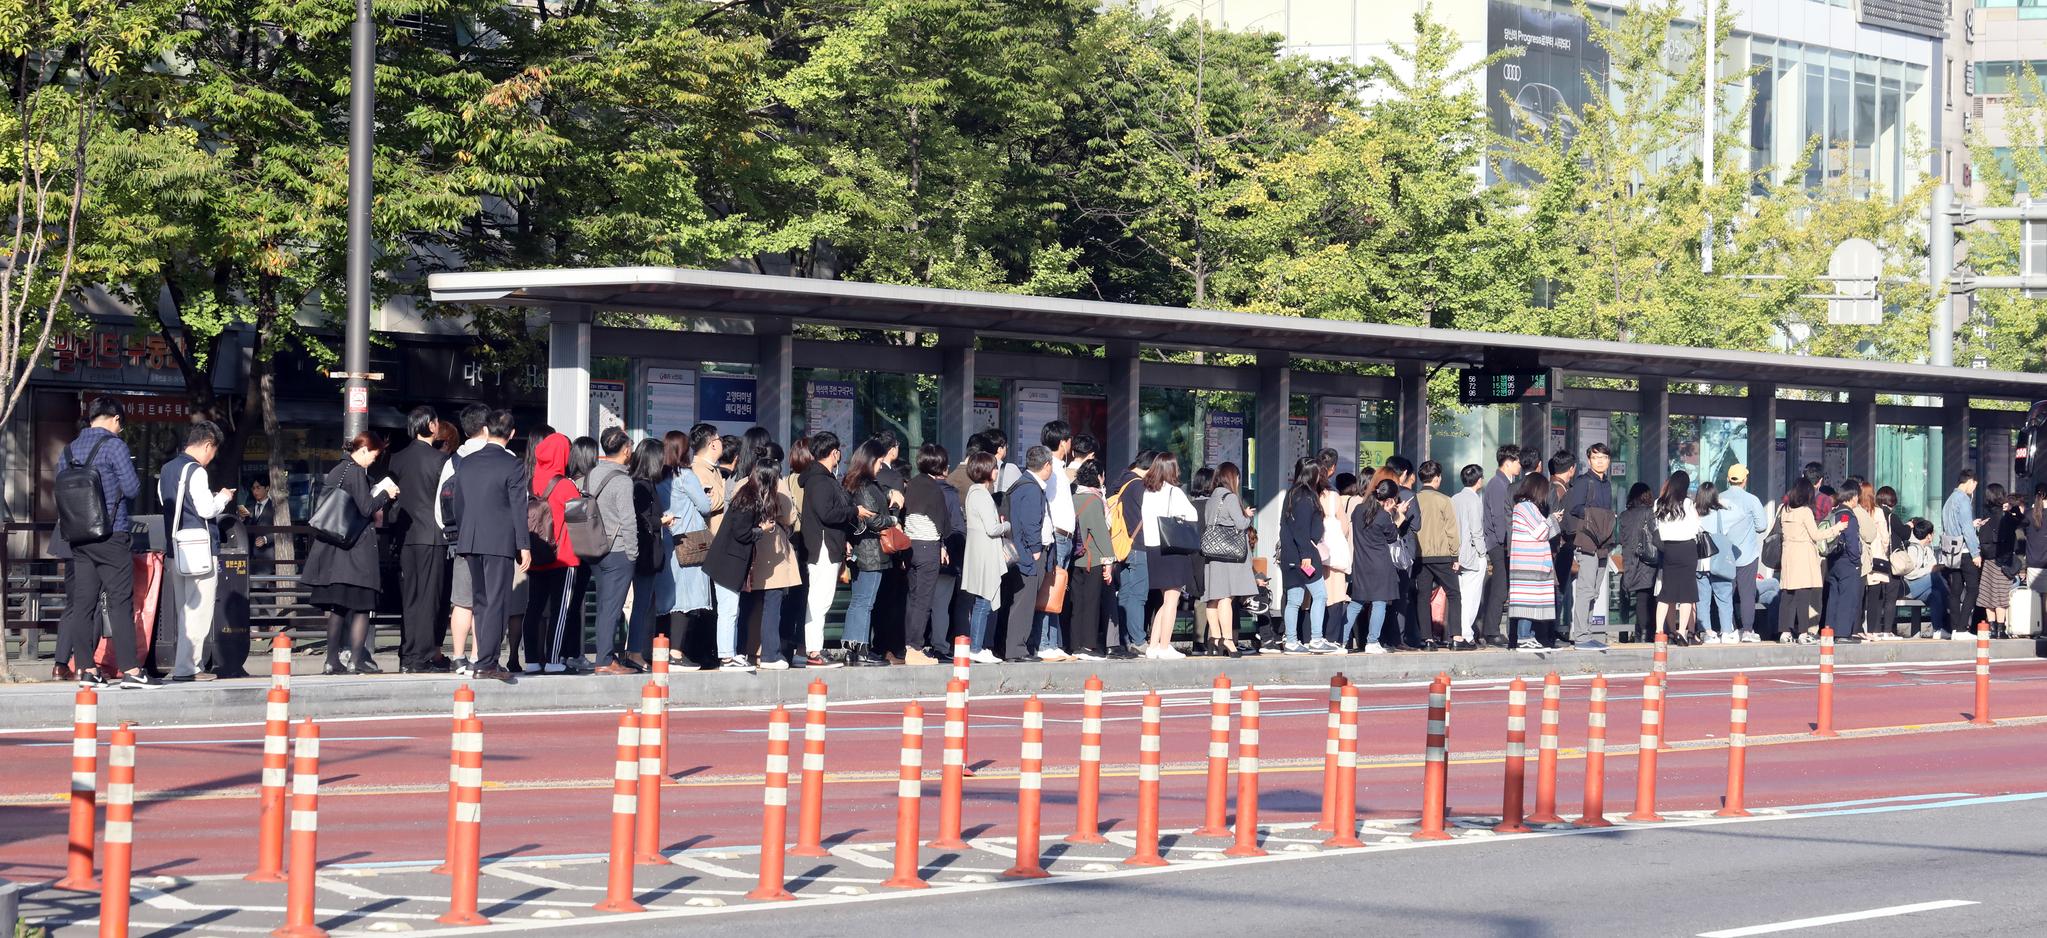 전국 12개 시도에서 버스 파업 움직임이 본격화되고 있다. [뉴스 1]